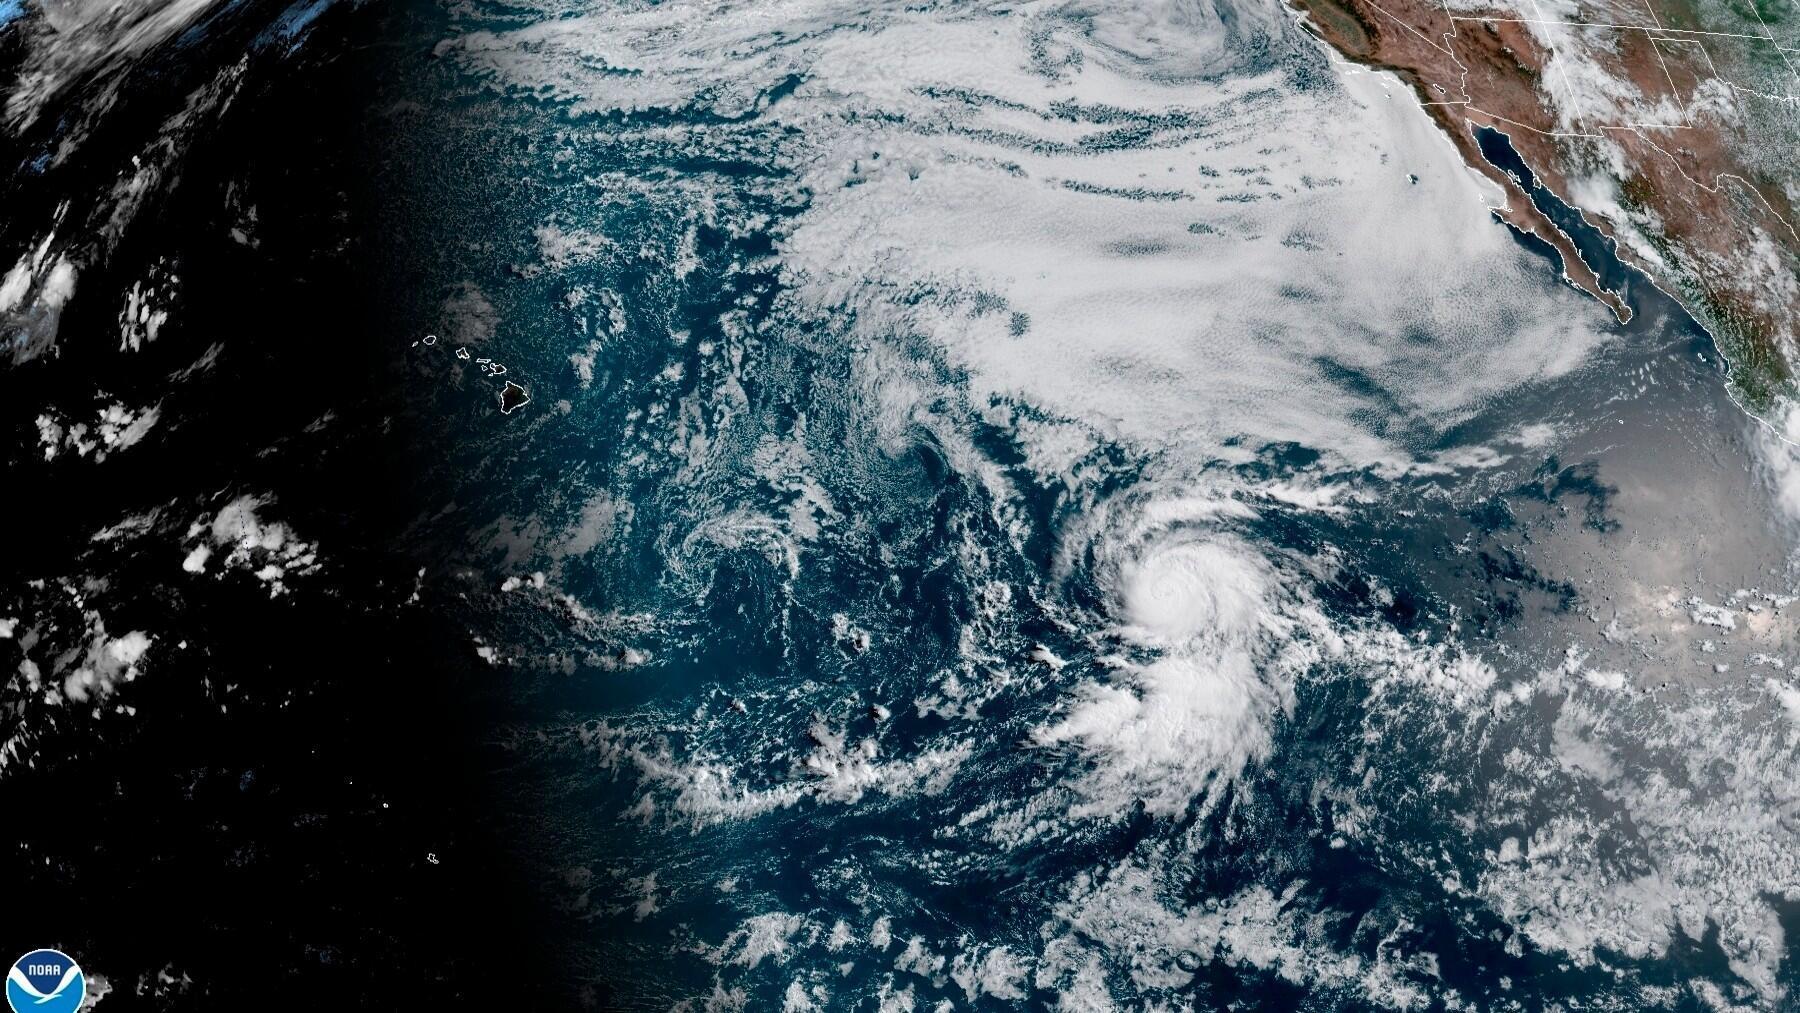 Fotografía cedida por la Administración Nacional Oceánica y Atmosférica (NOAA) de Estados Unidos por vía del Centro Nacional de Huracanes (NHC) donde se muestra la localización del huracán Douglas en frente de las costas del pacífico mexicano este miércoles a las 16:50 GMT.